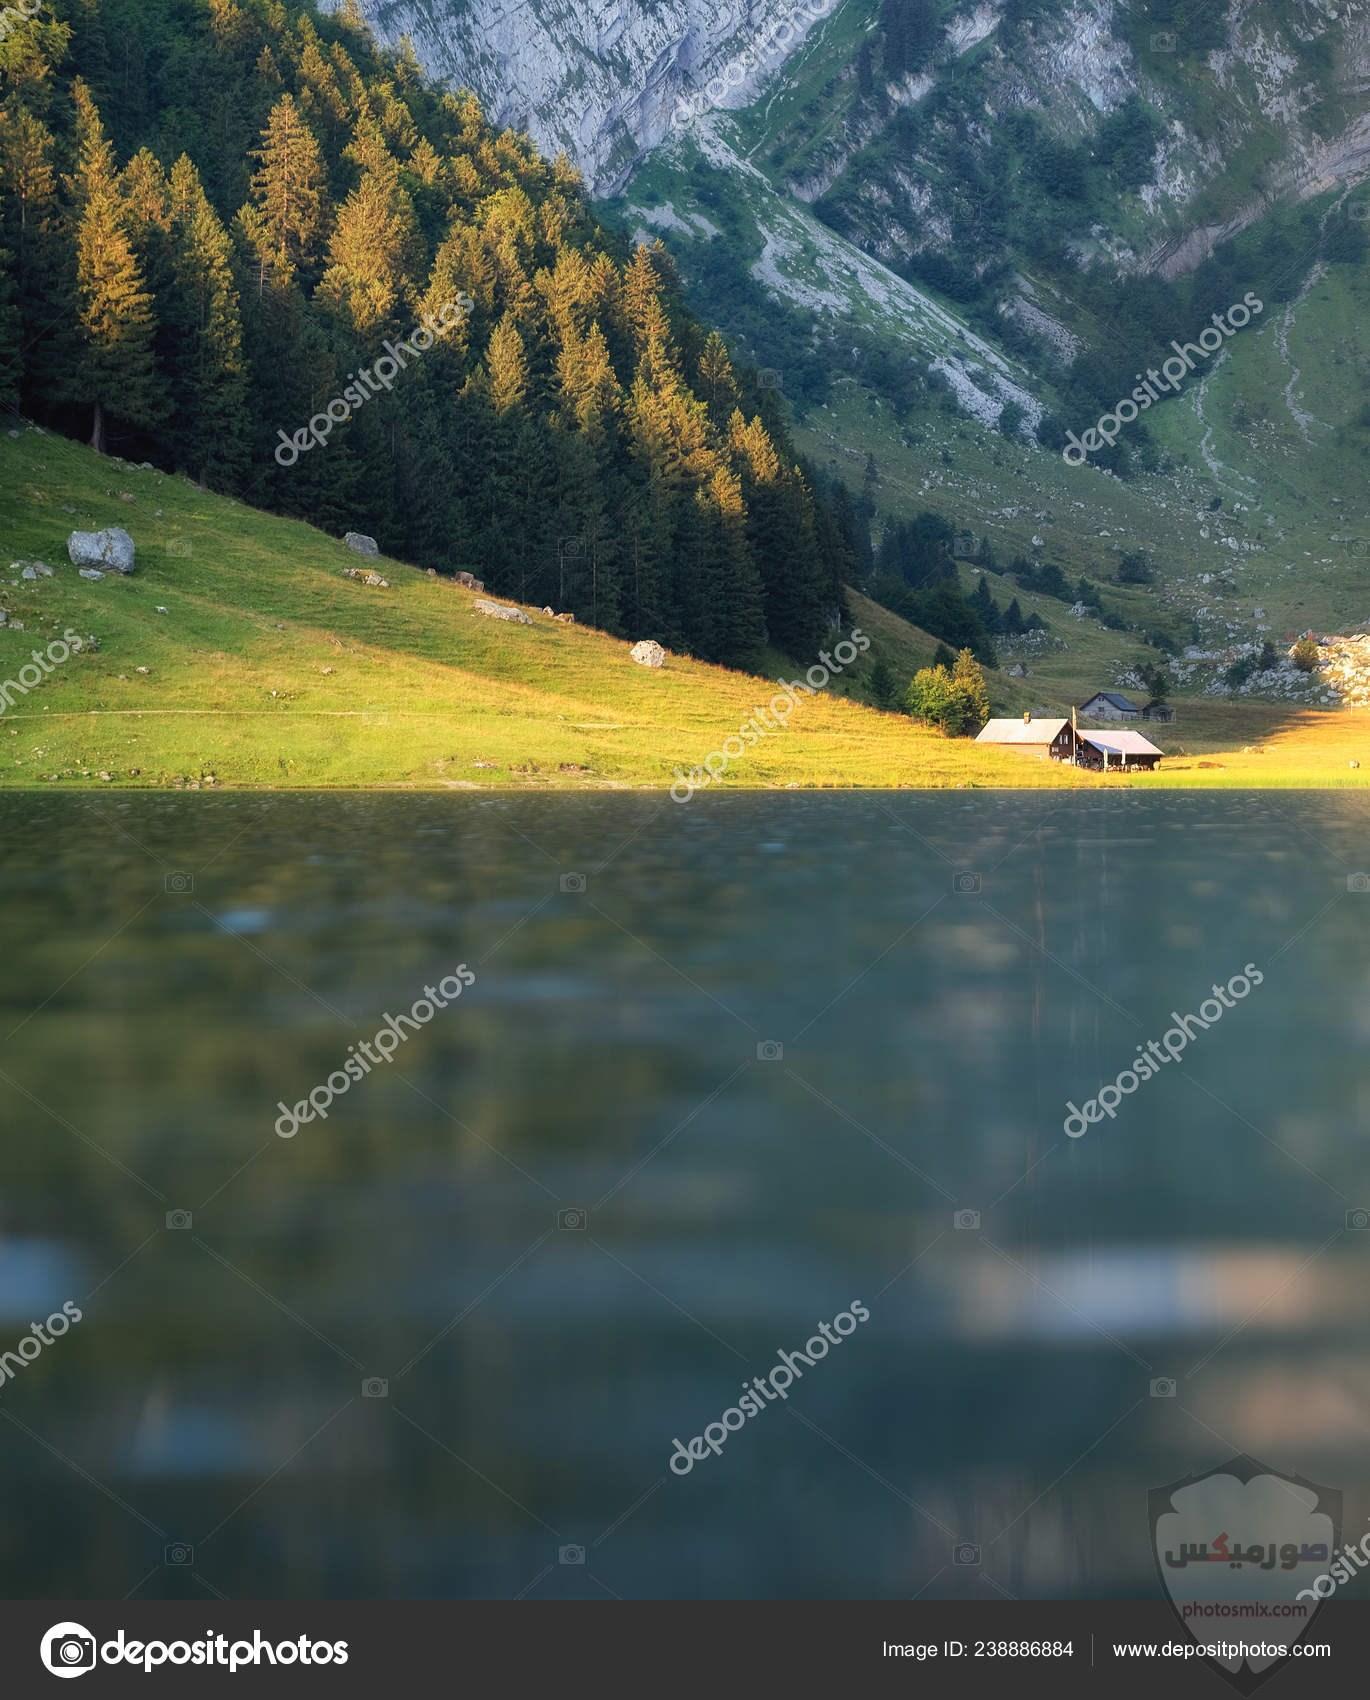 بالصور.. شلالات المياه تزين جبال سانت كاترين 6